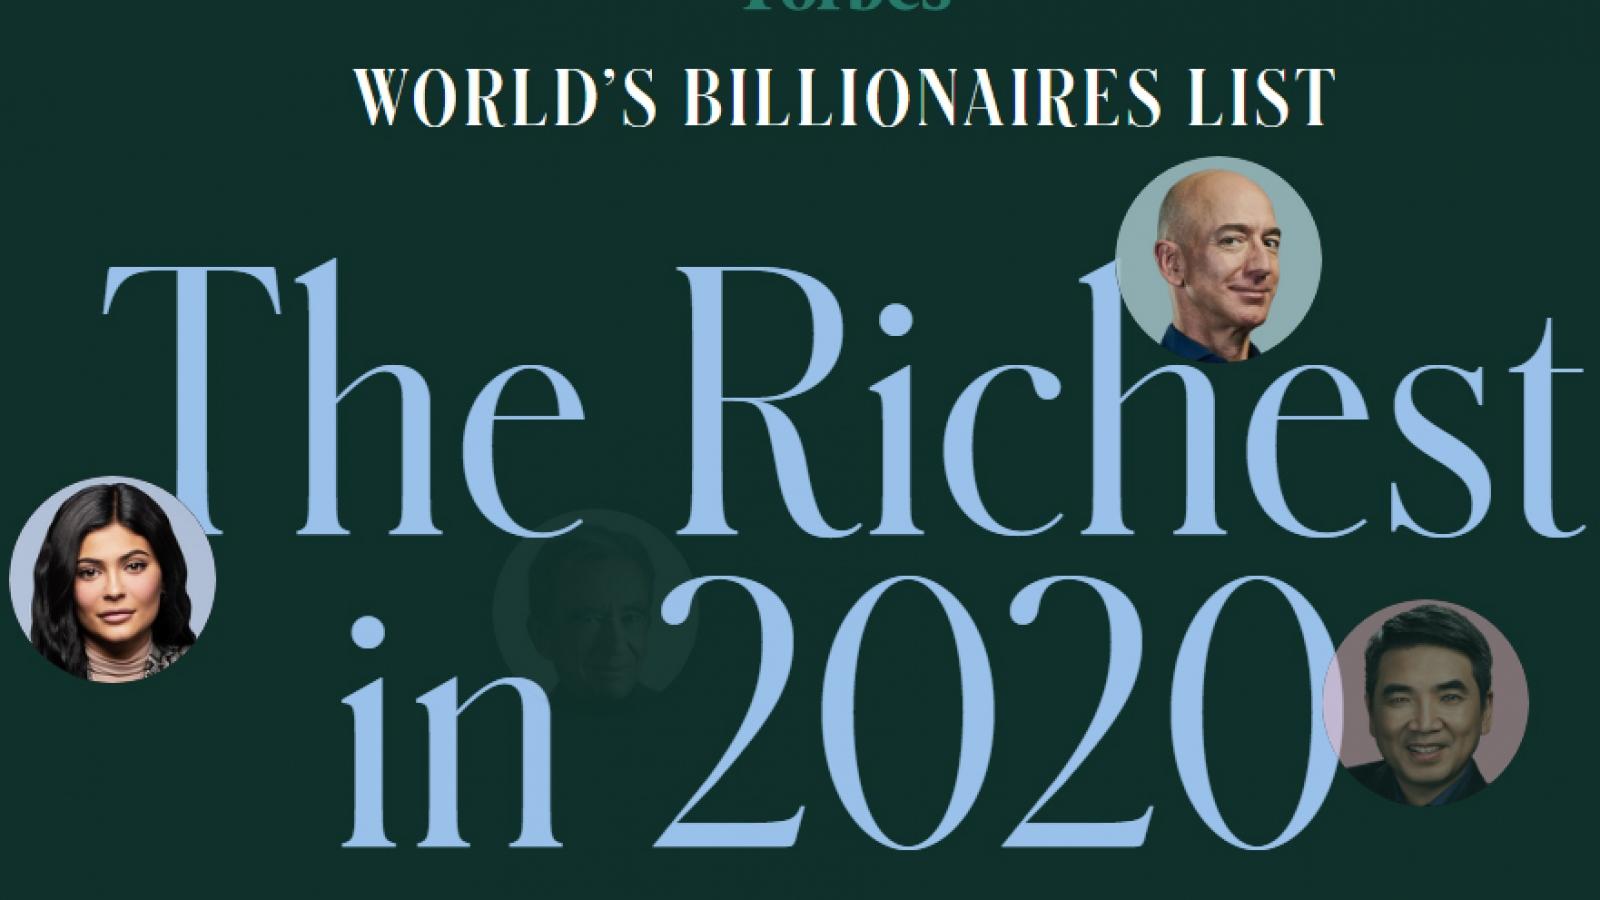 Điểm danh 9 tỷ phú giàu nhất thế giới hiện nay